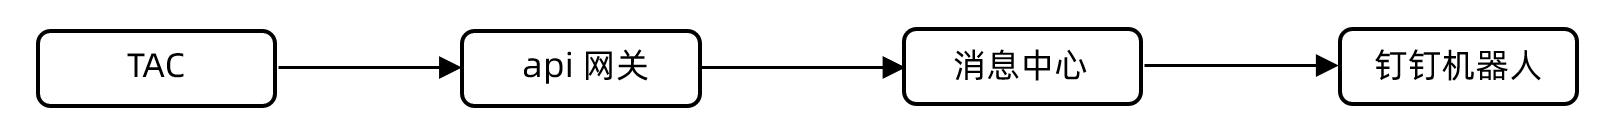 图5:告警推送第三方方案.png